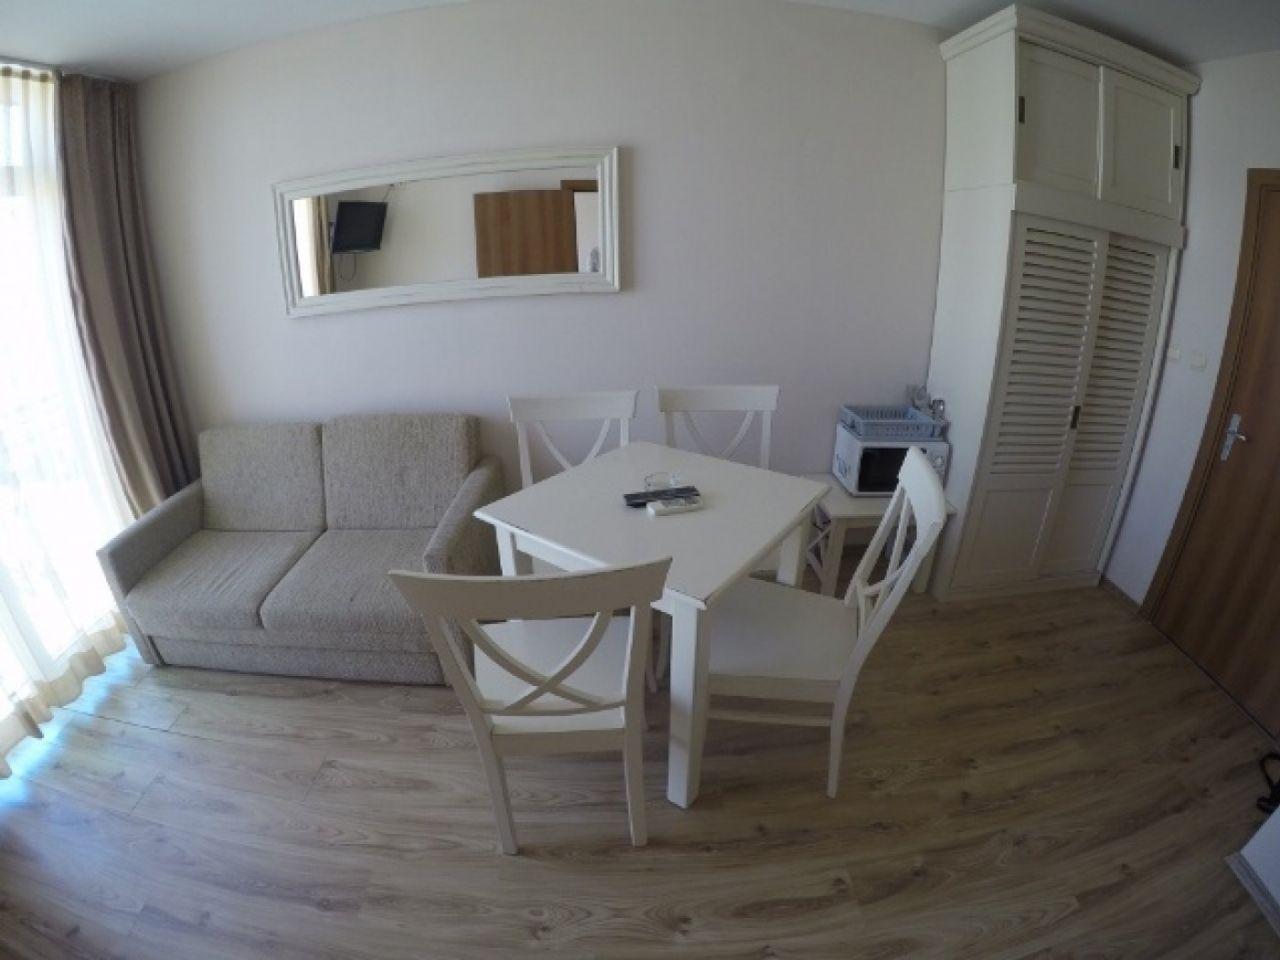 Апартаменты в Бургасской области, Болгария, 34 м2 - фото 1